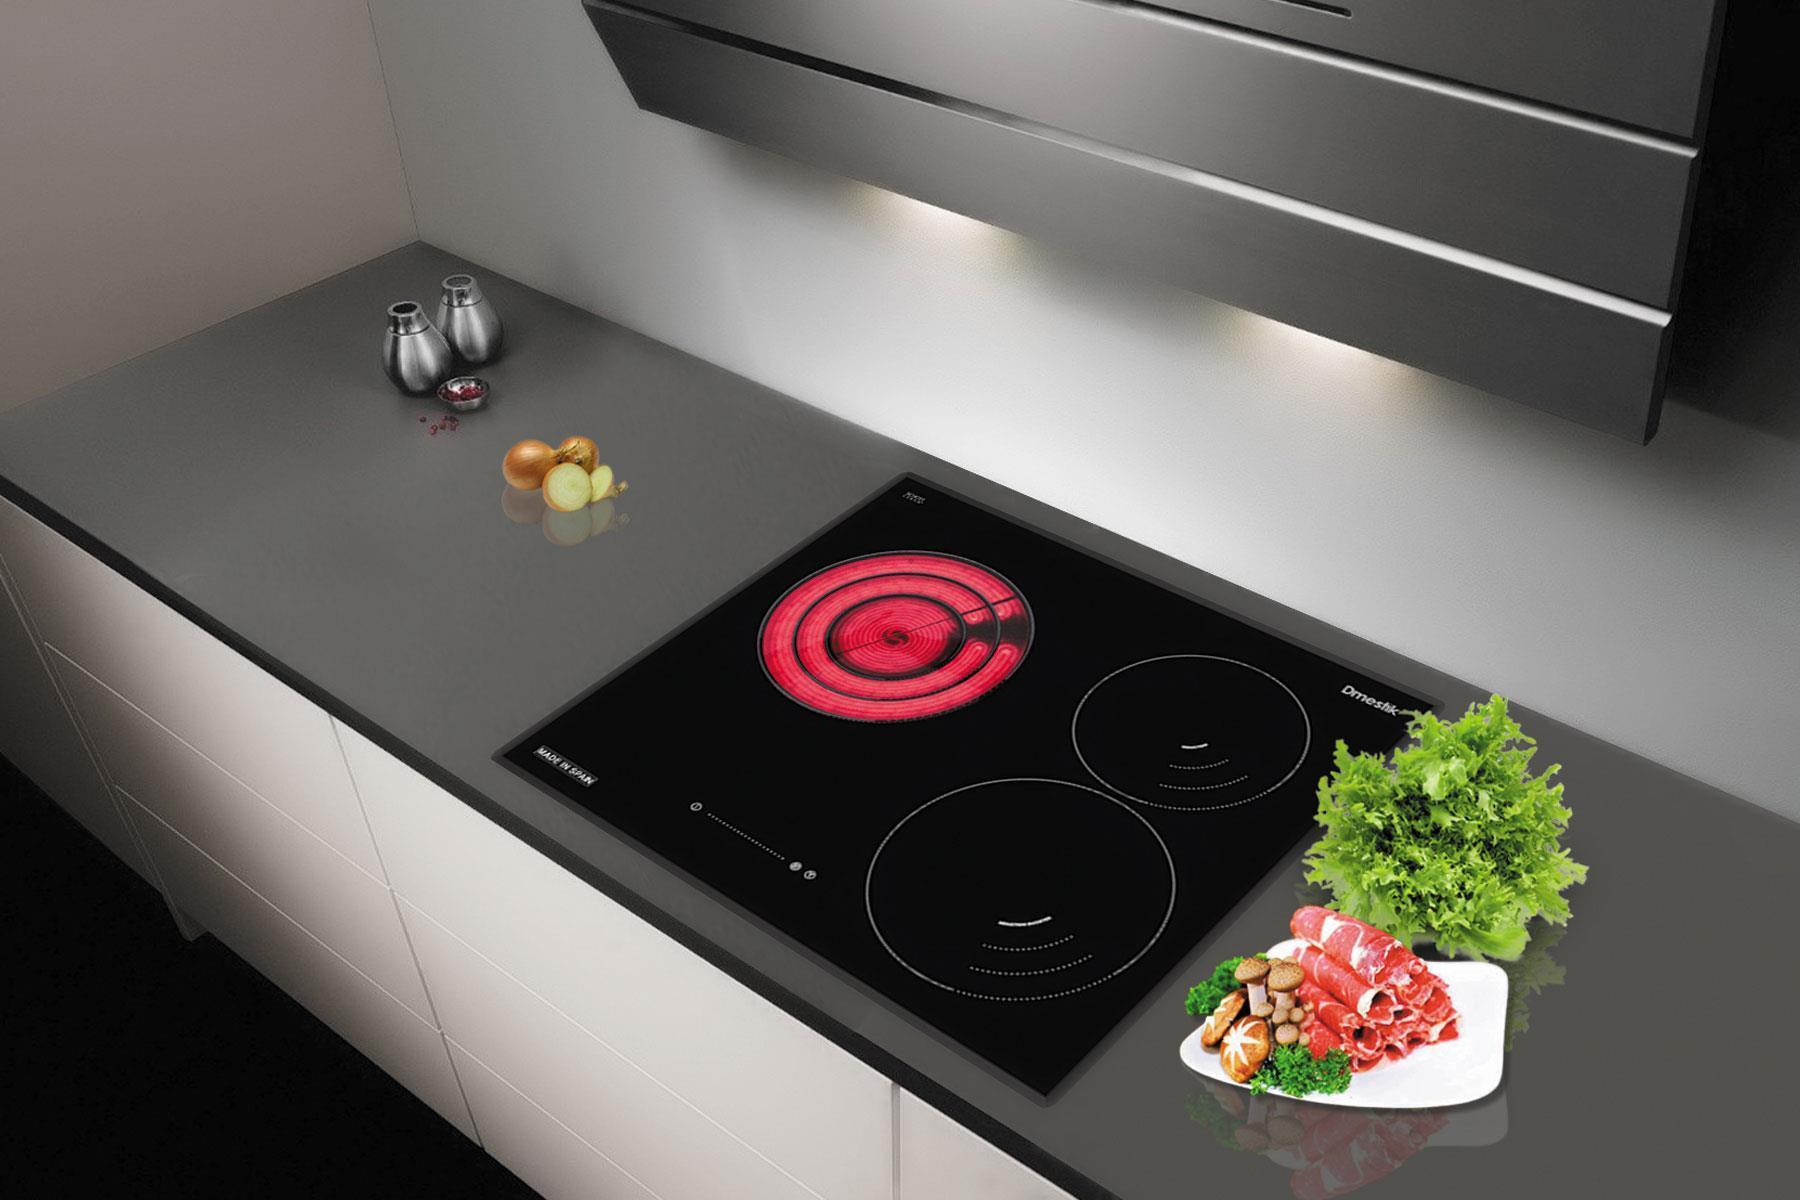 bếp điện từ có phải là bếp từ không